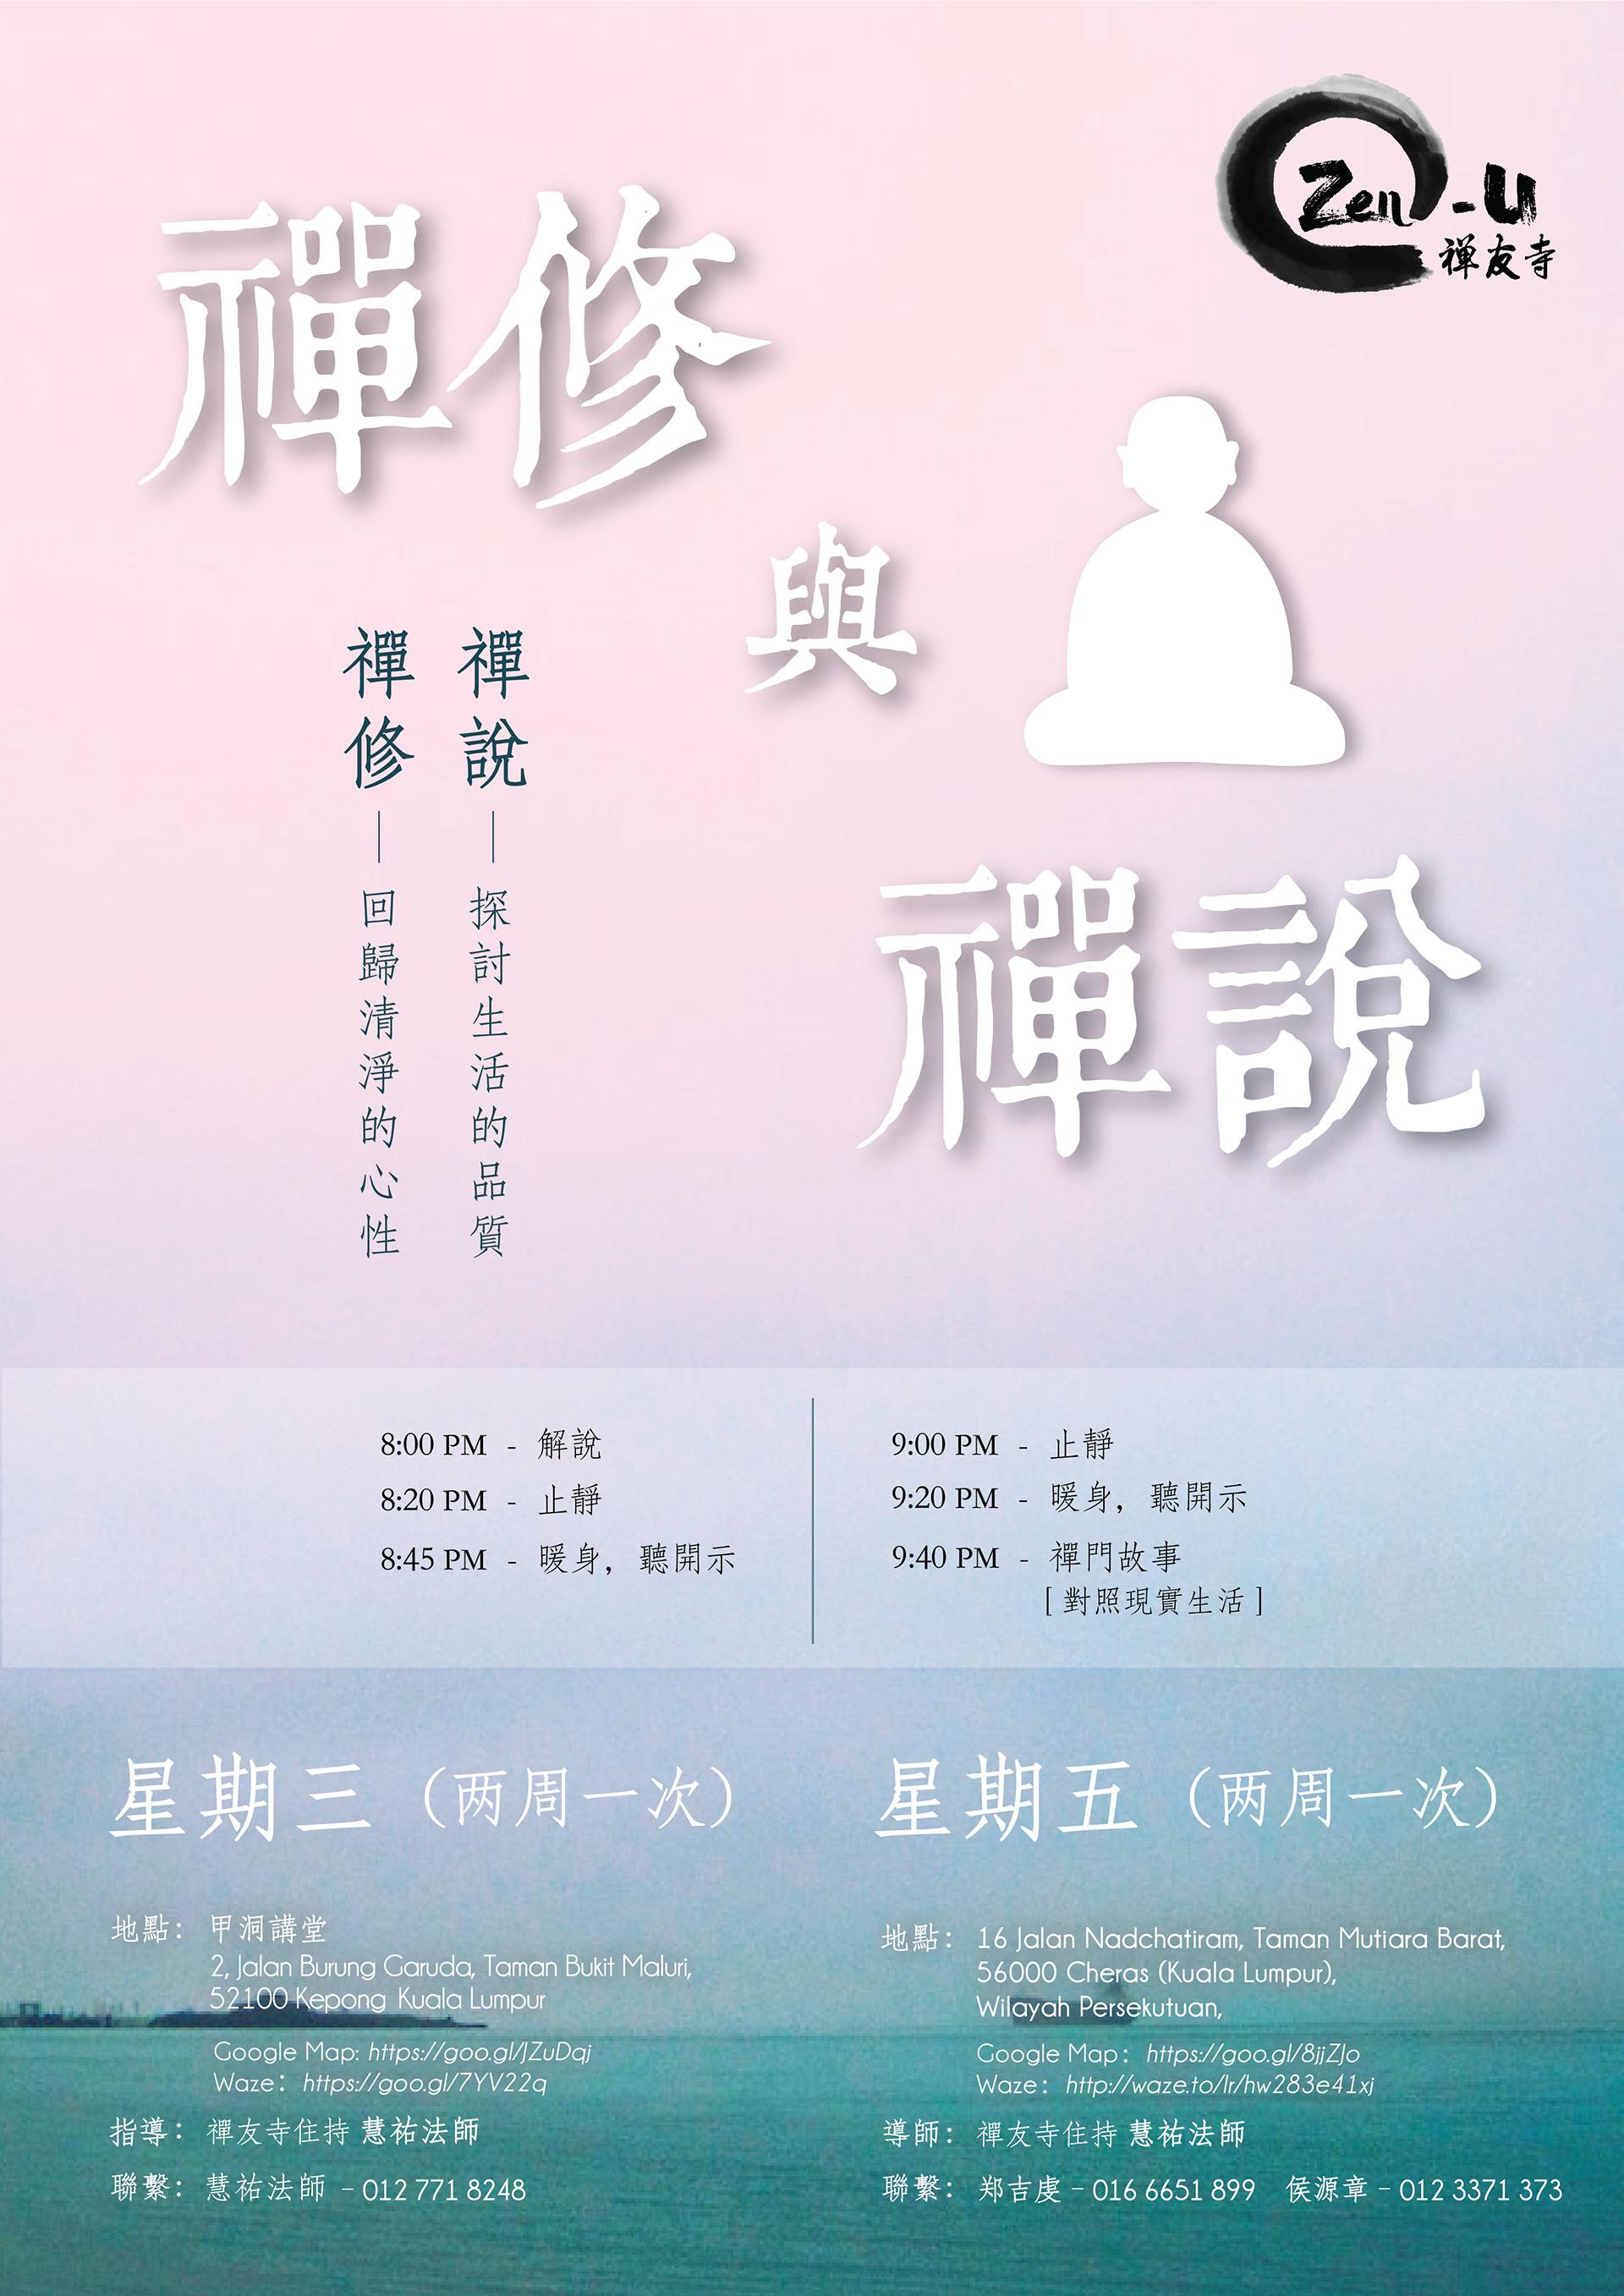 Zen poster design - Zen U Poster Design